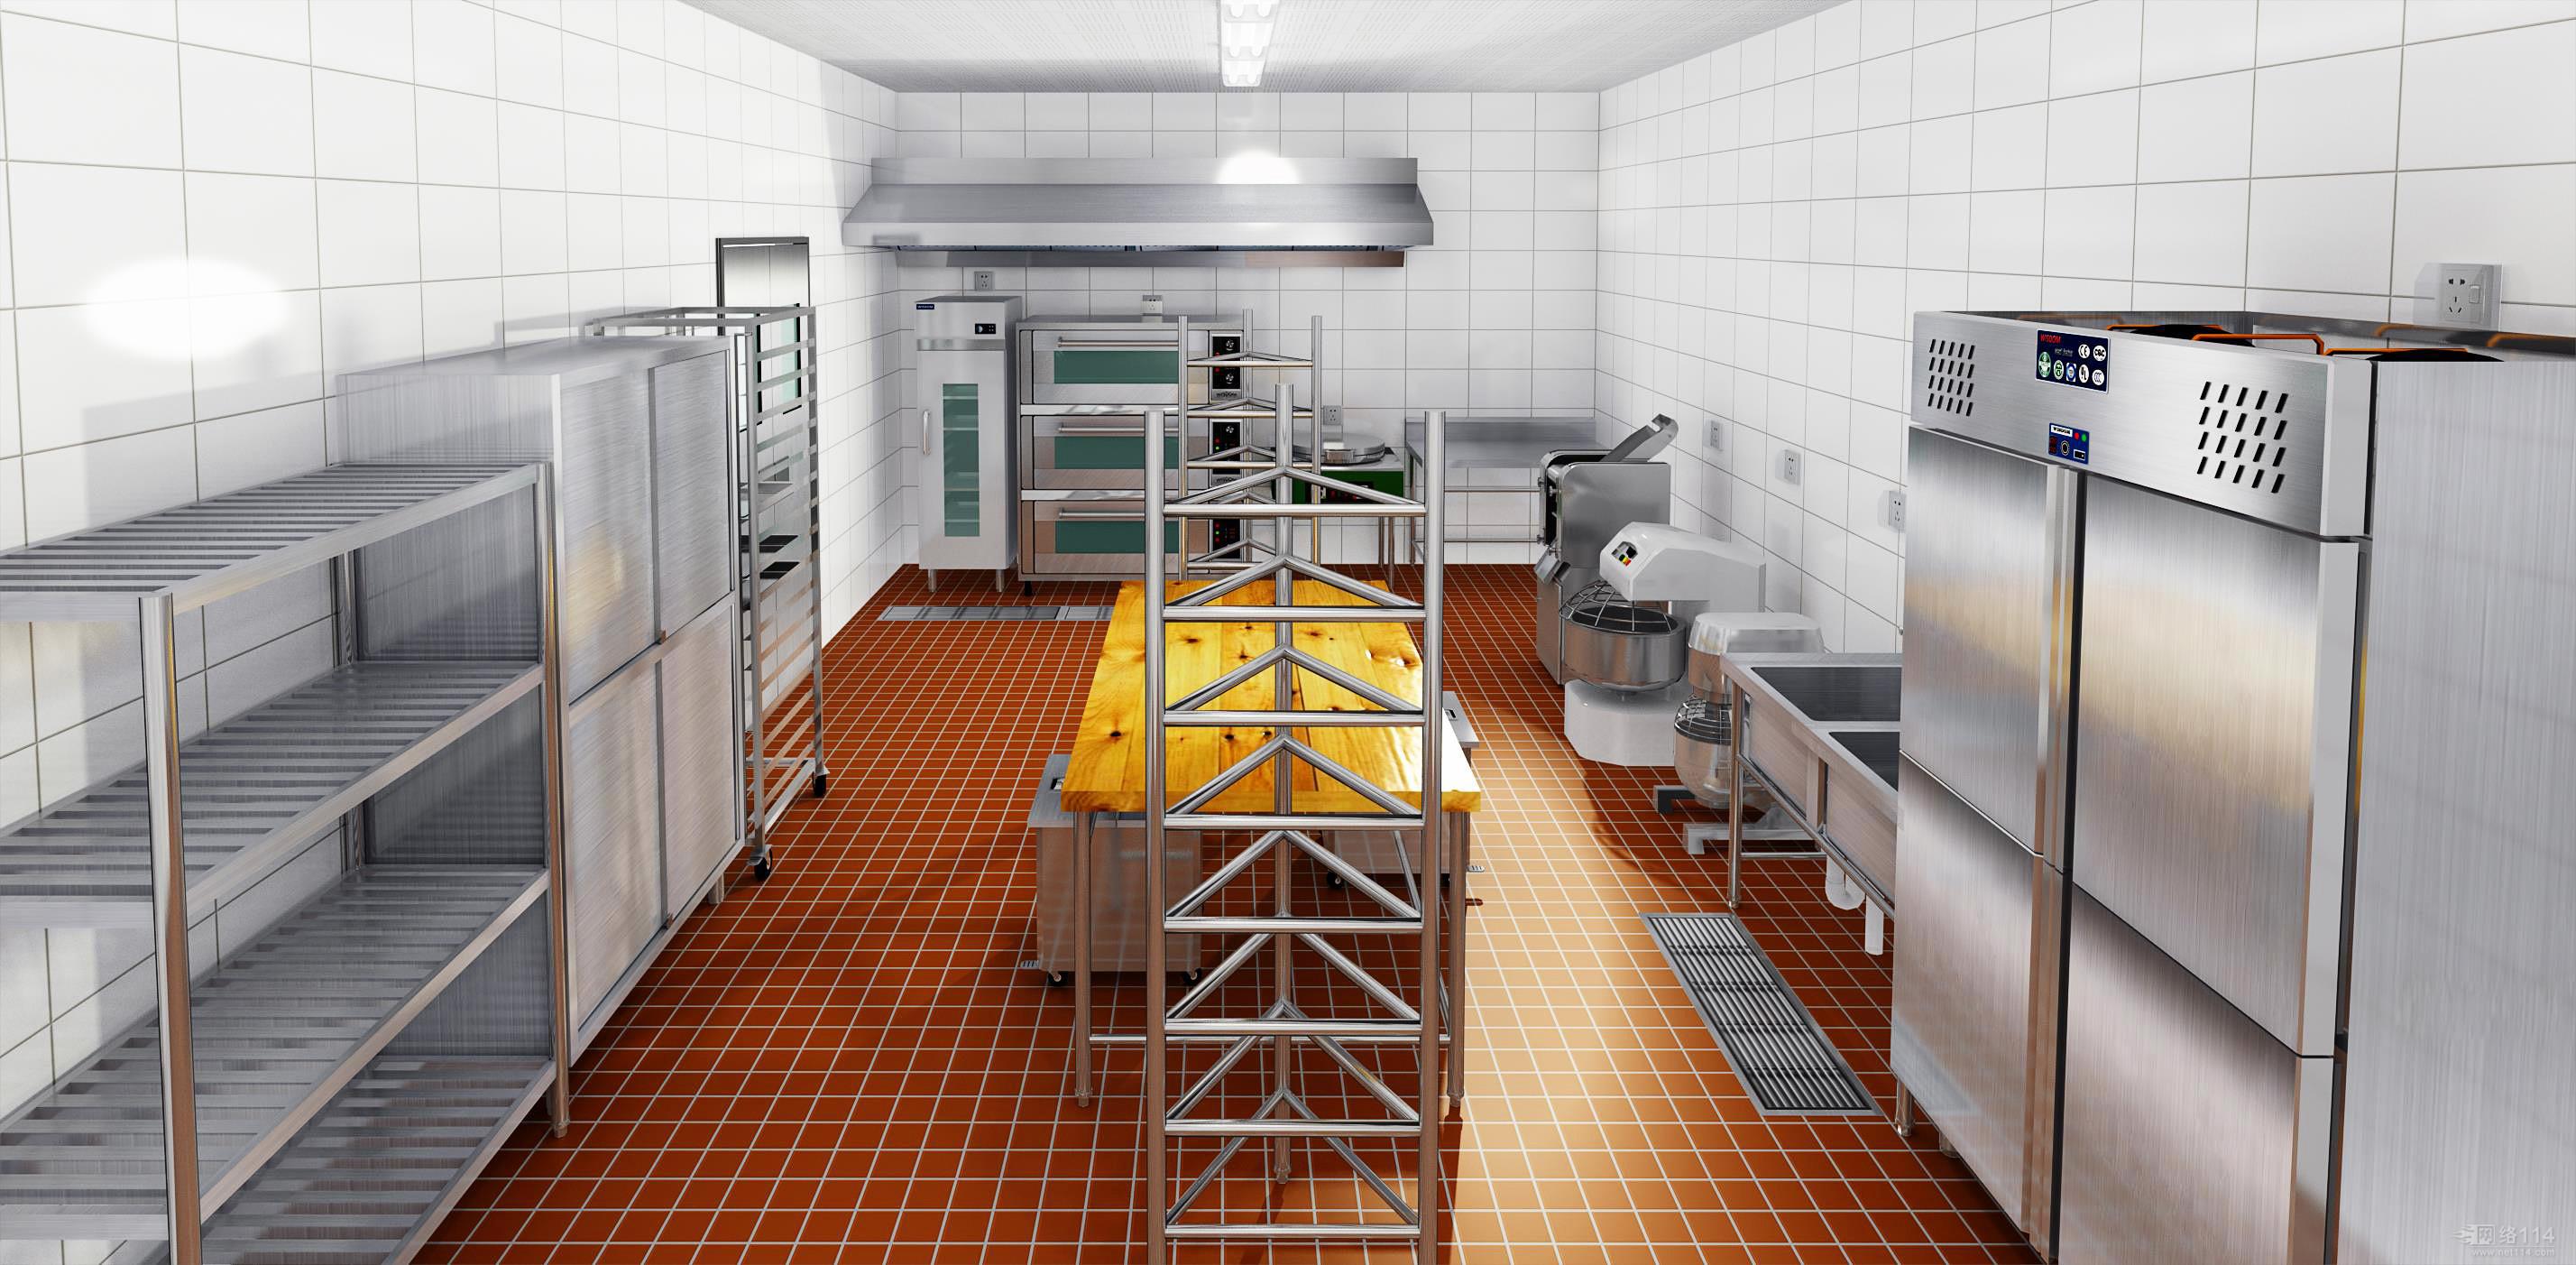 商用厨房设备的分类与安装